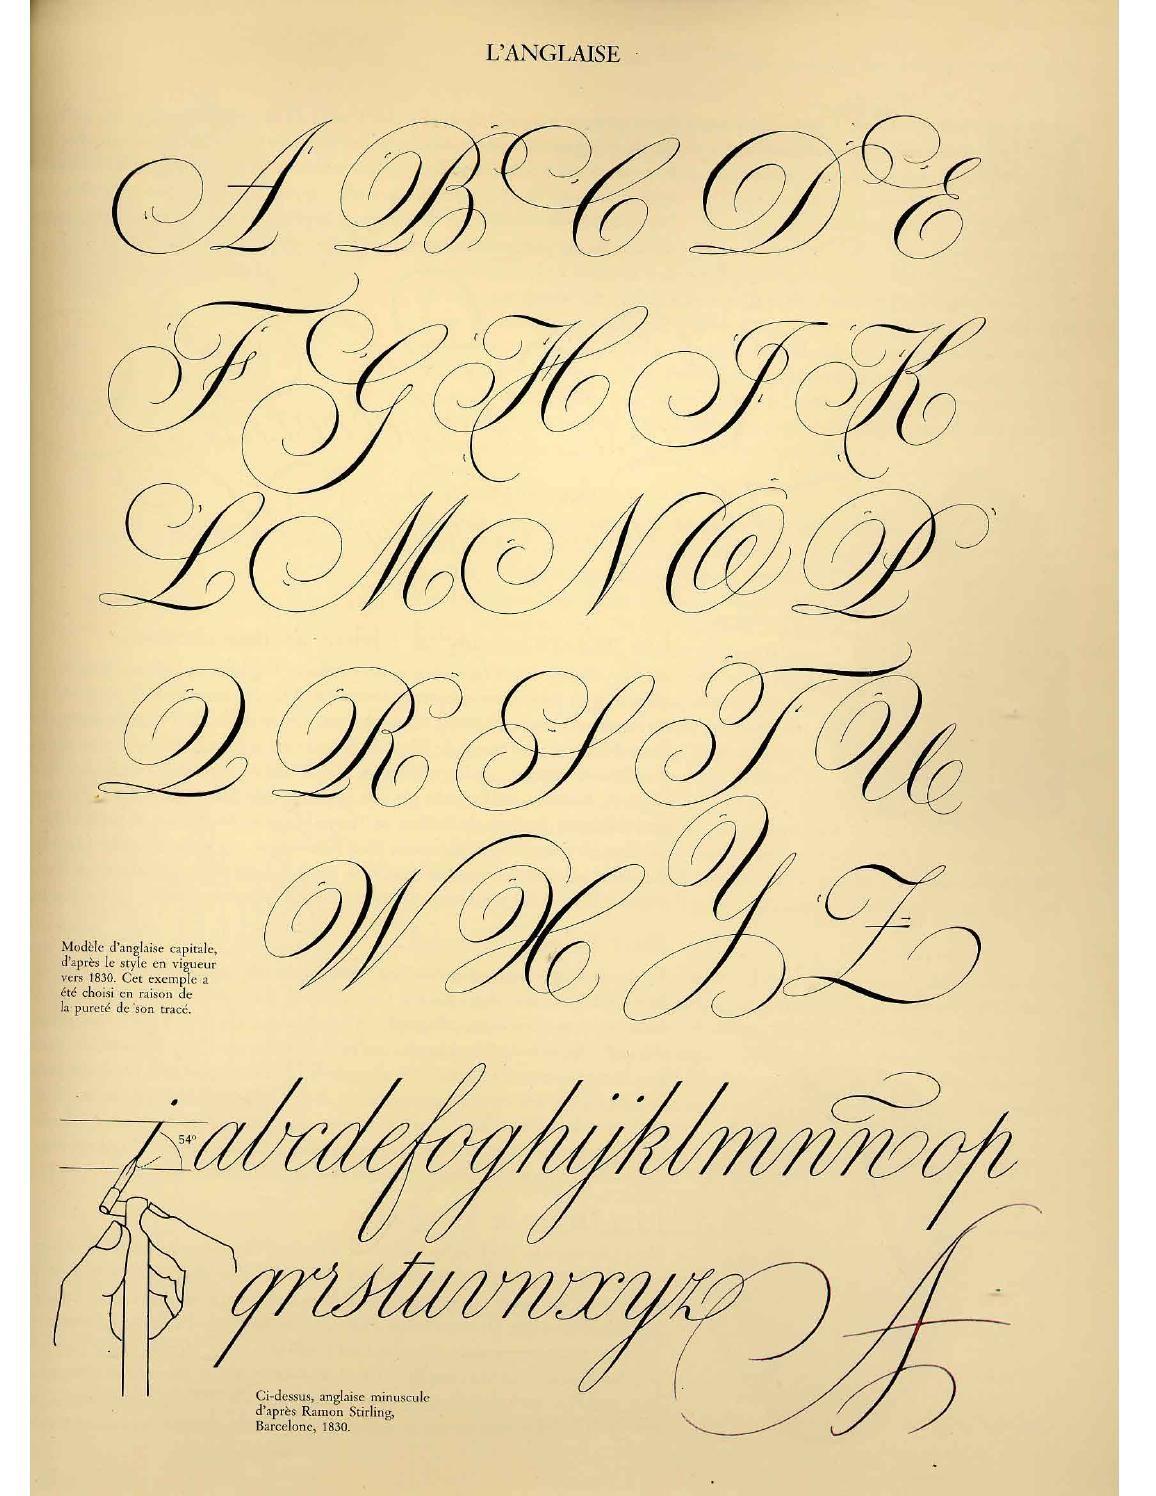 Calligraphie claude mediavilla ductus